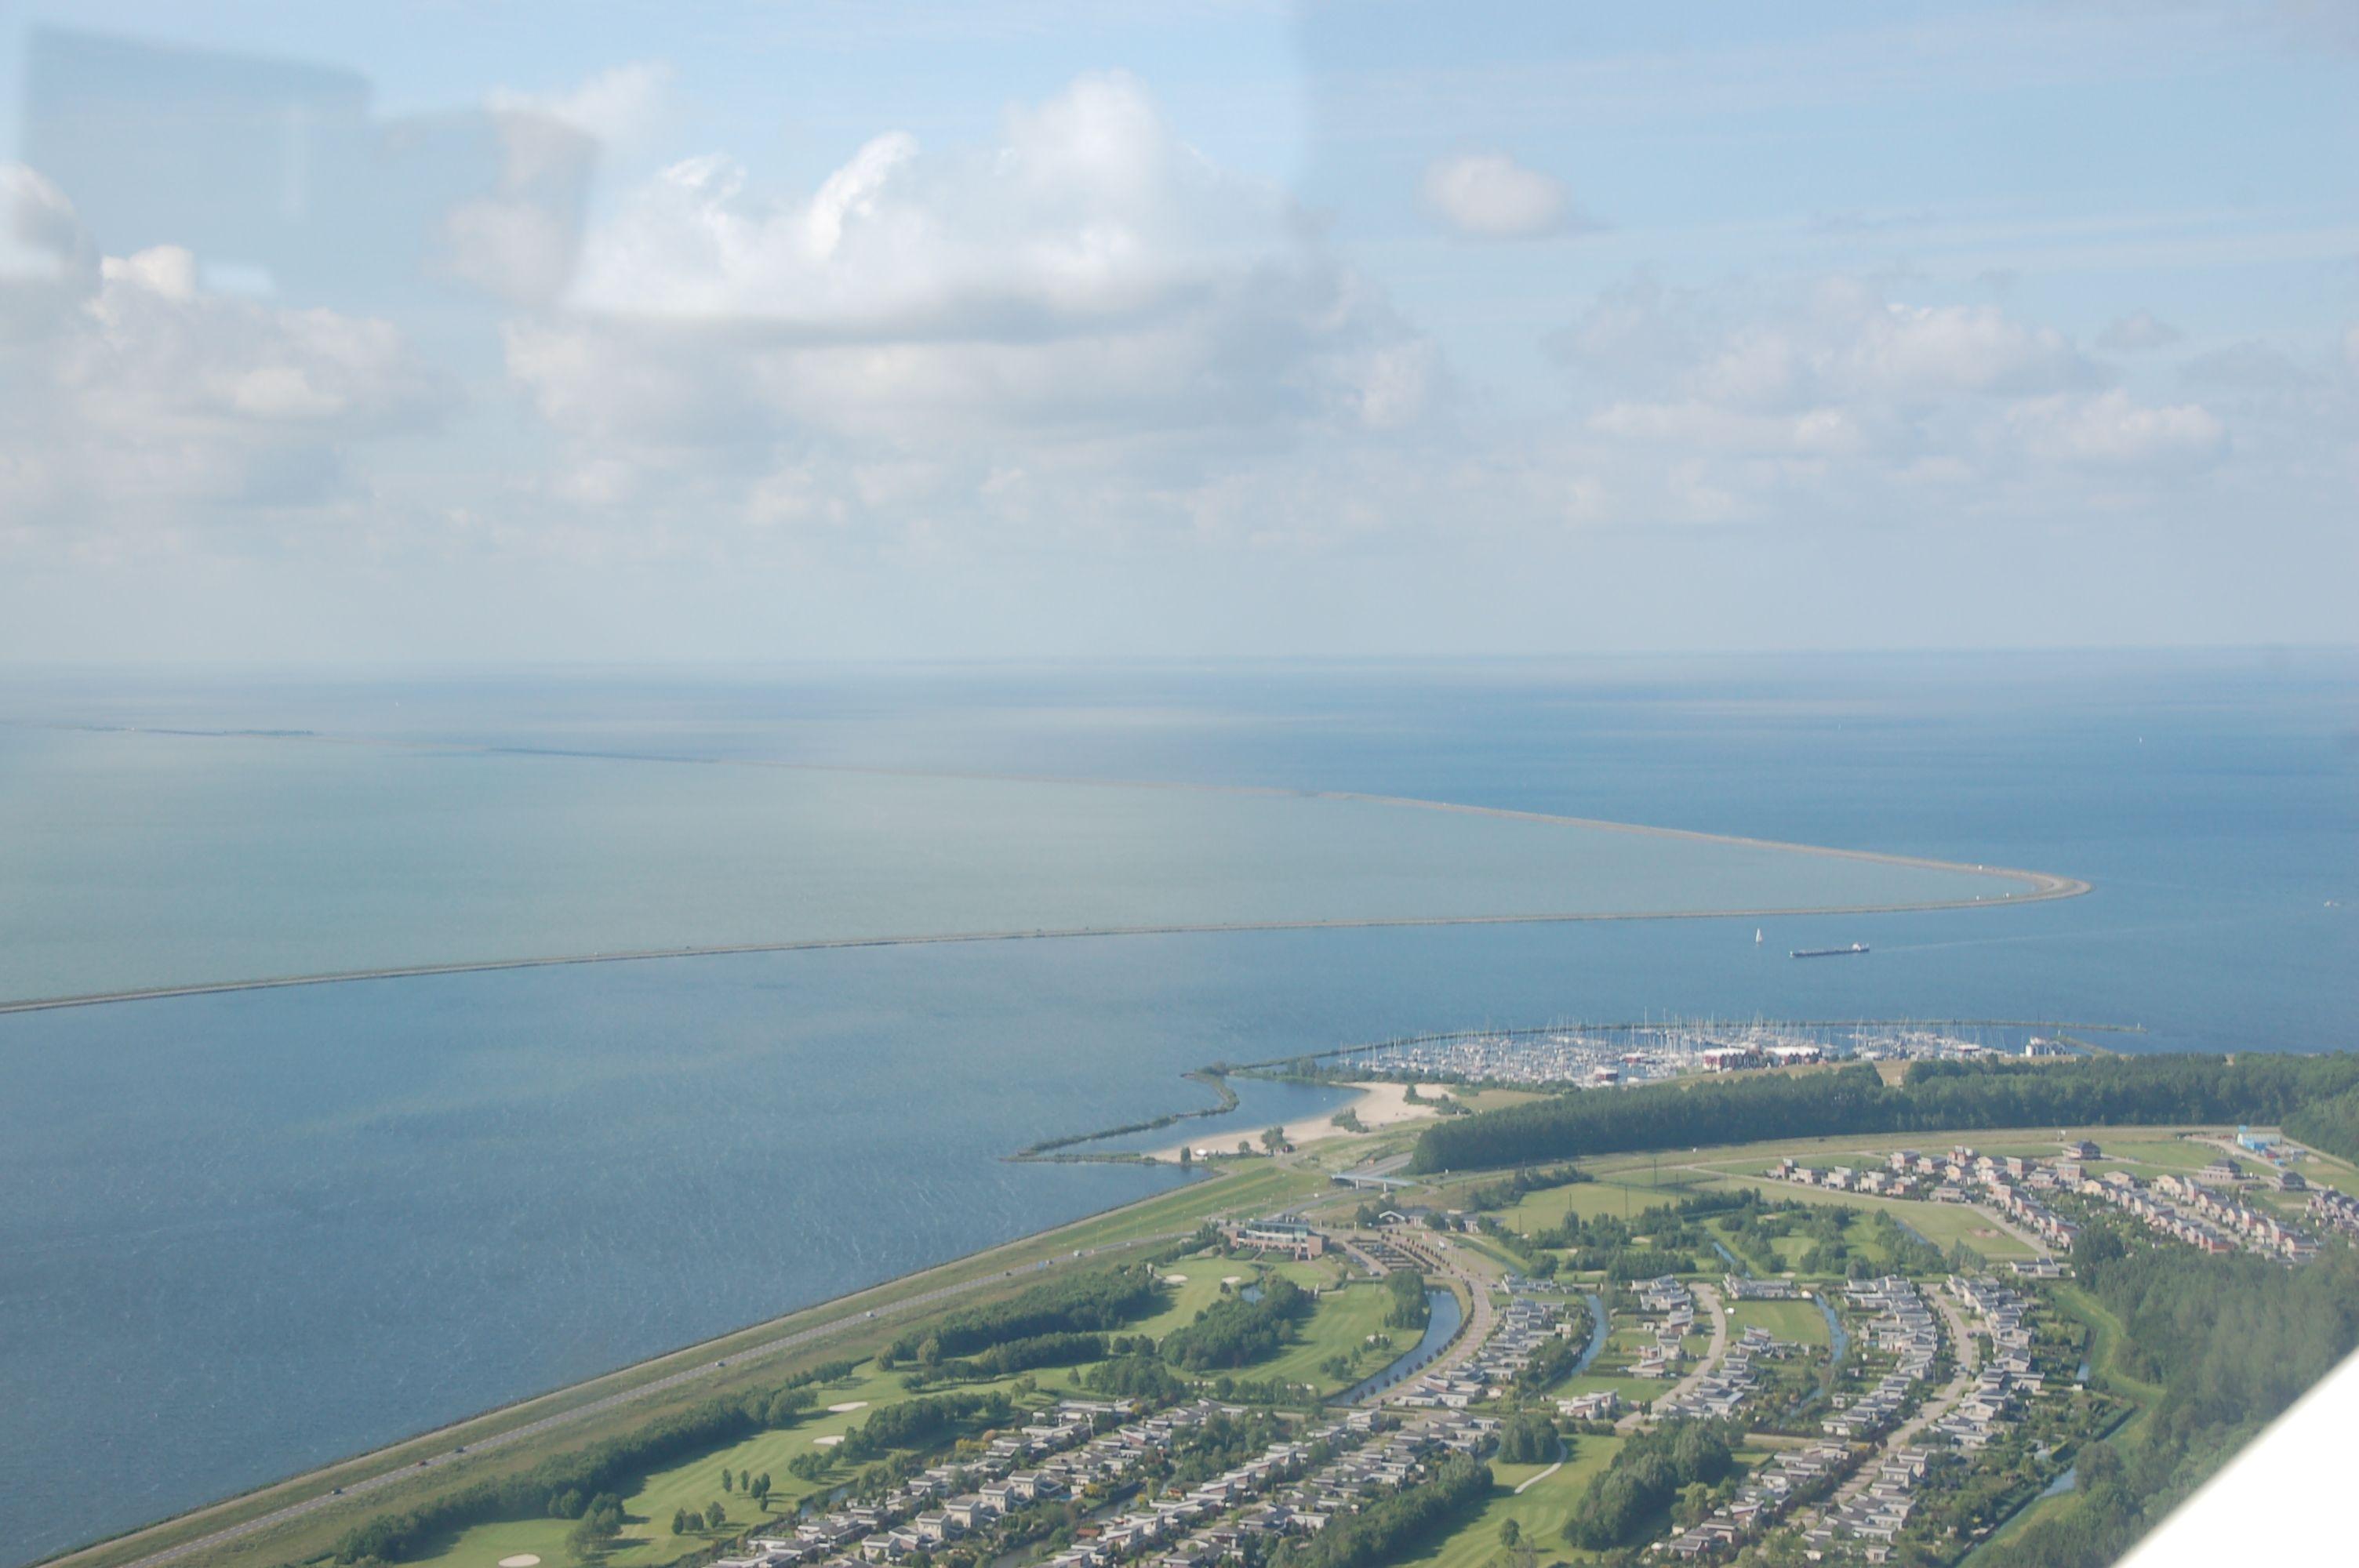 Farbschattierung: Der Hafen von Lelystad und dahinter der Houtribdijk, der das Ijsselmeer in zwei Wasserwelten teilt